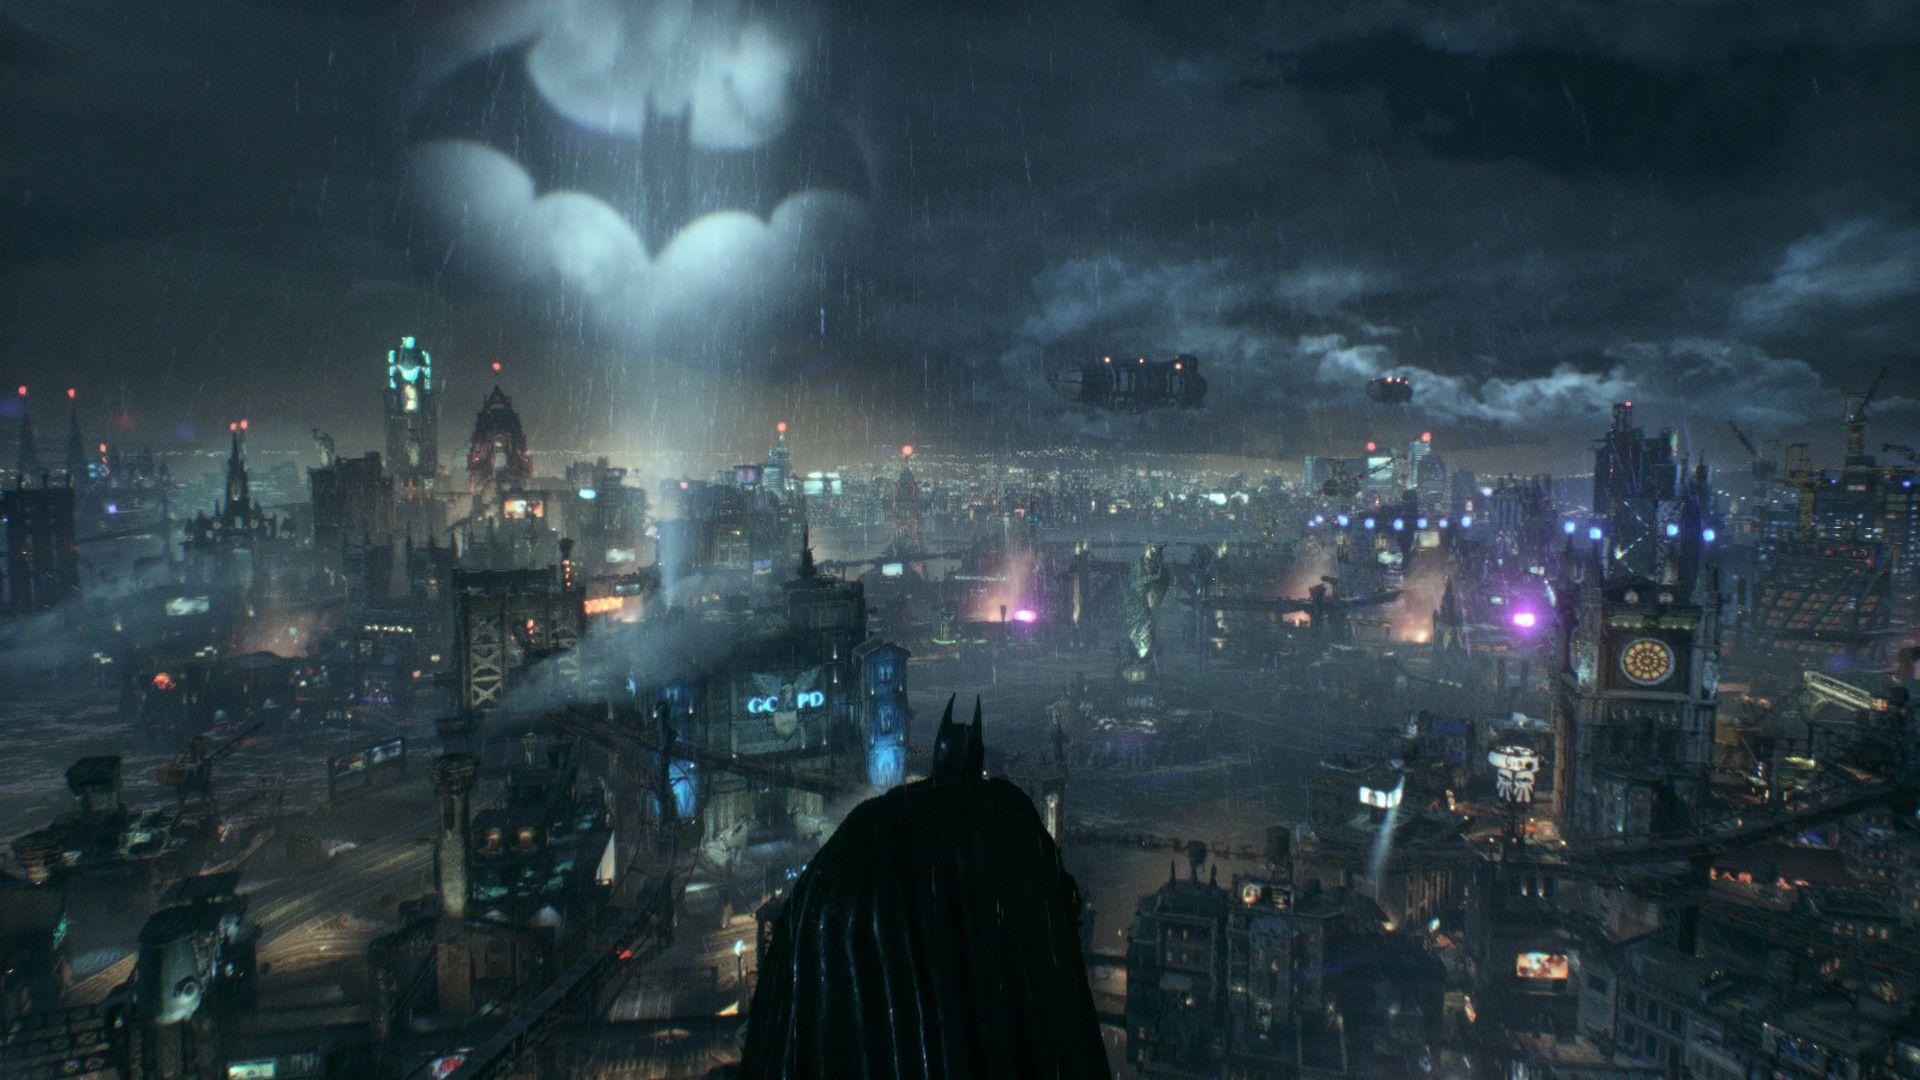 Wallpapers gotham city wallpaper cave - Gotham wallpaper ...